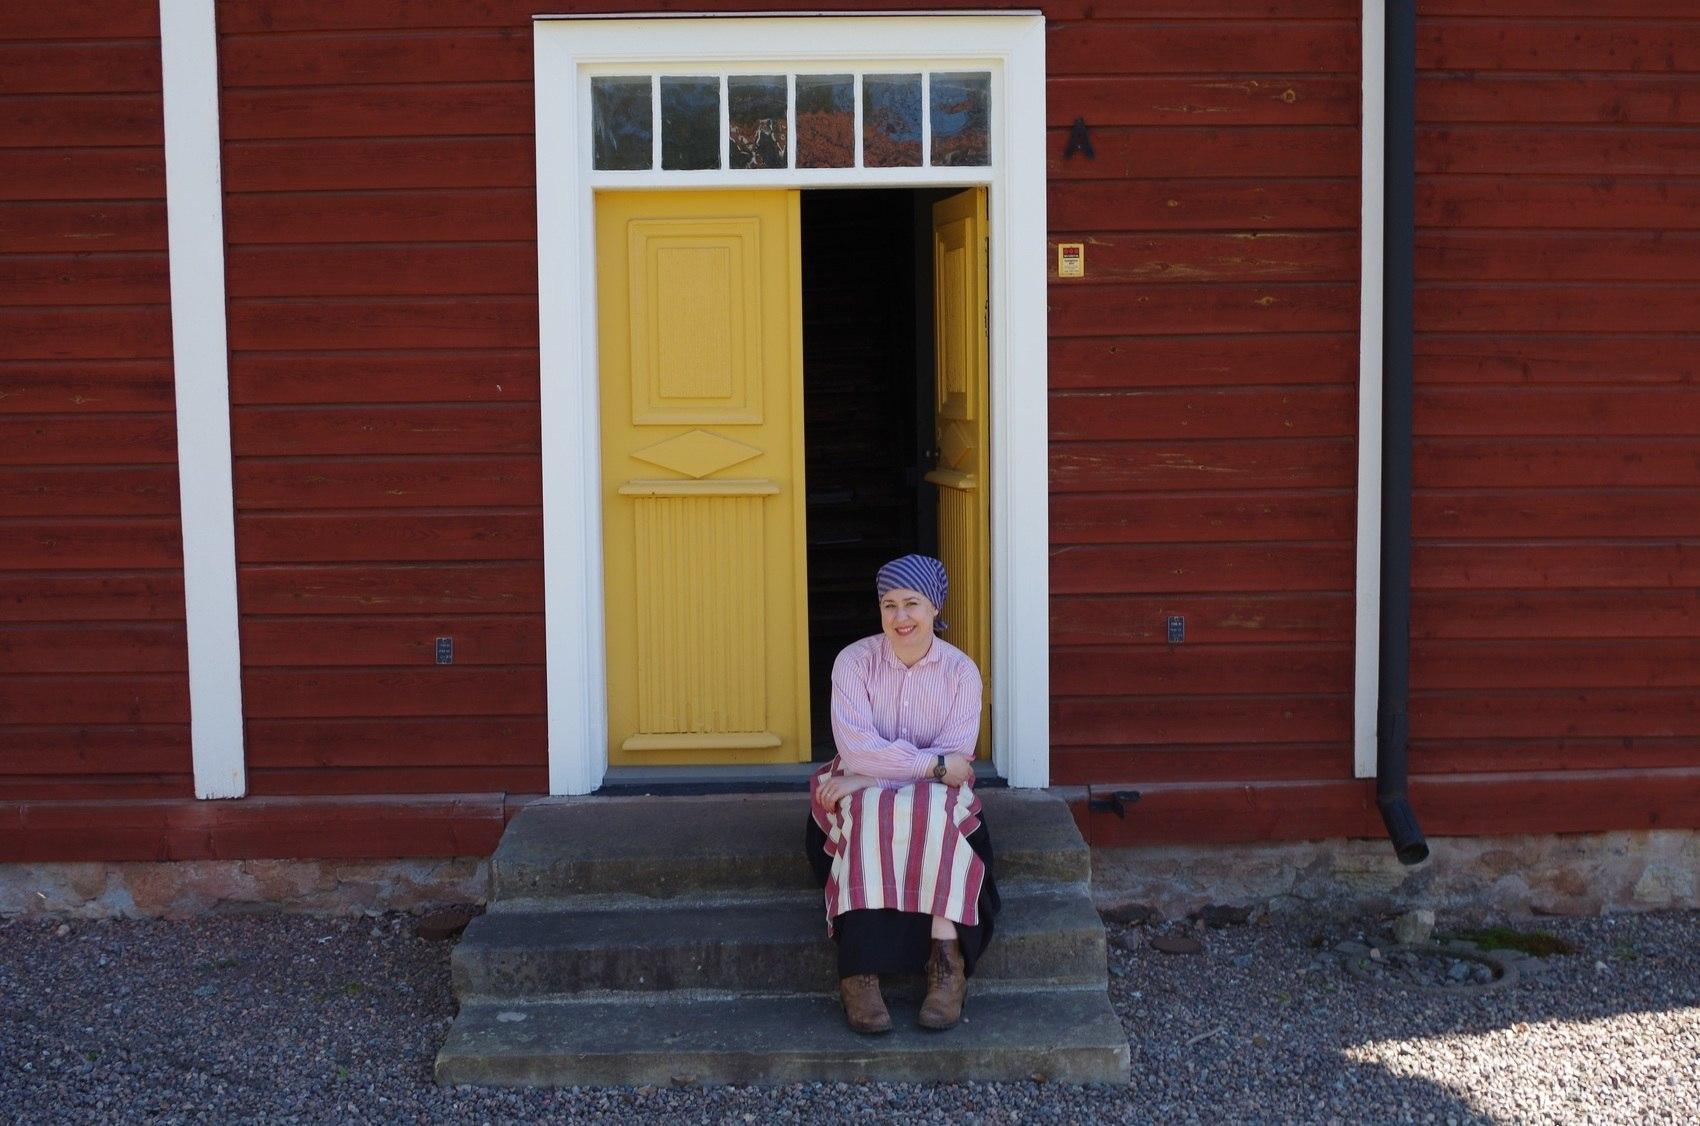 Kvinna i gamla kläder sitter på en trappa utanför röd träbyggnad.